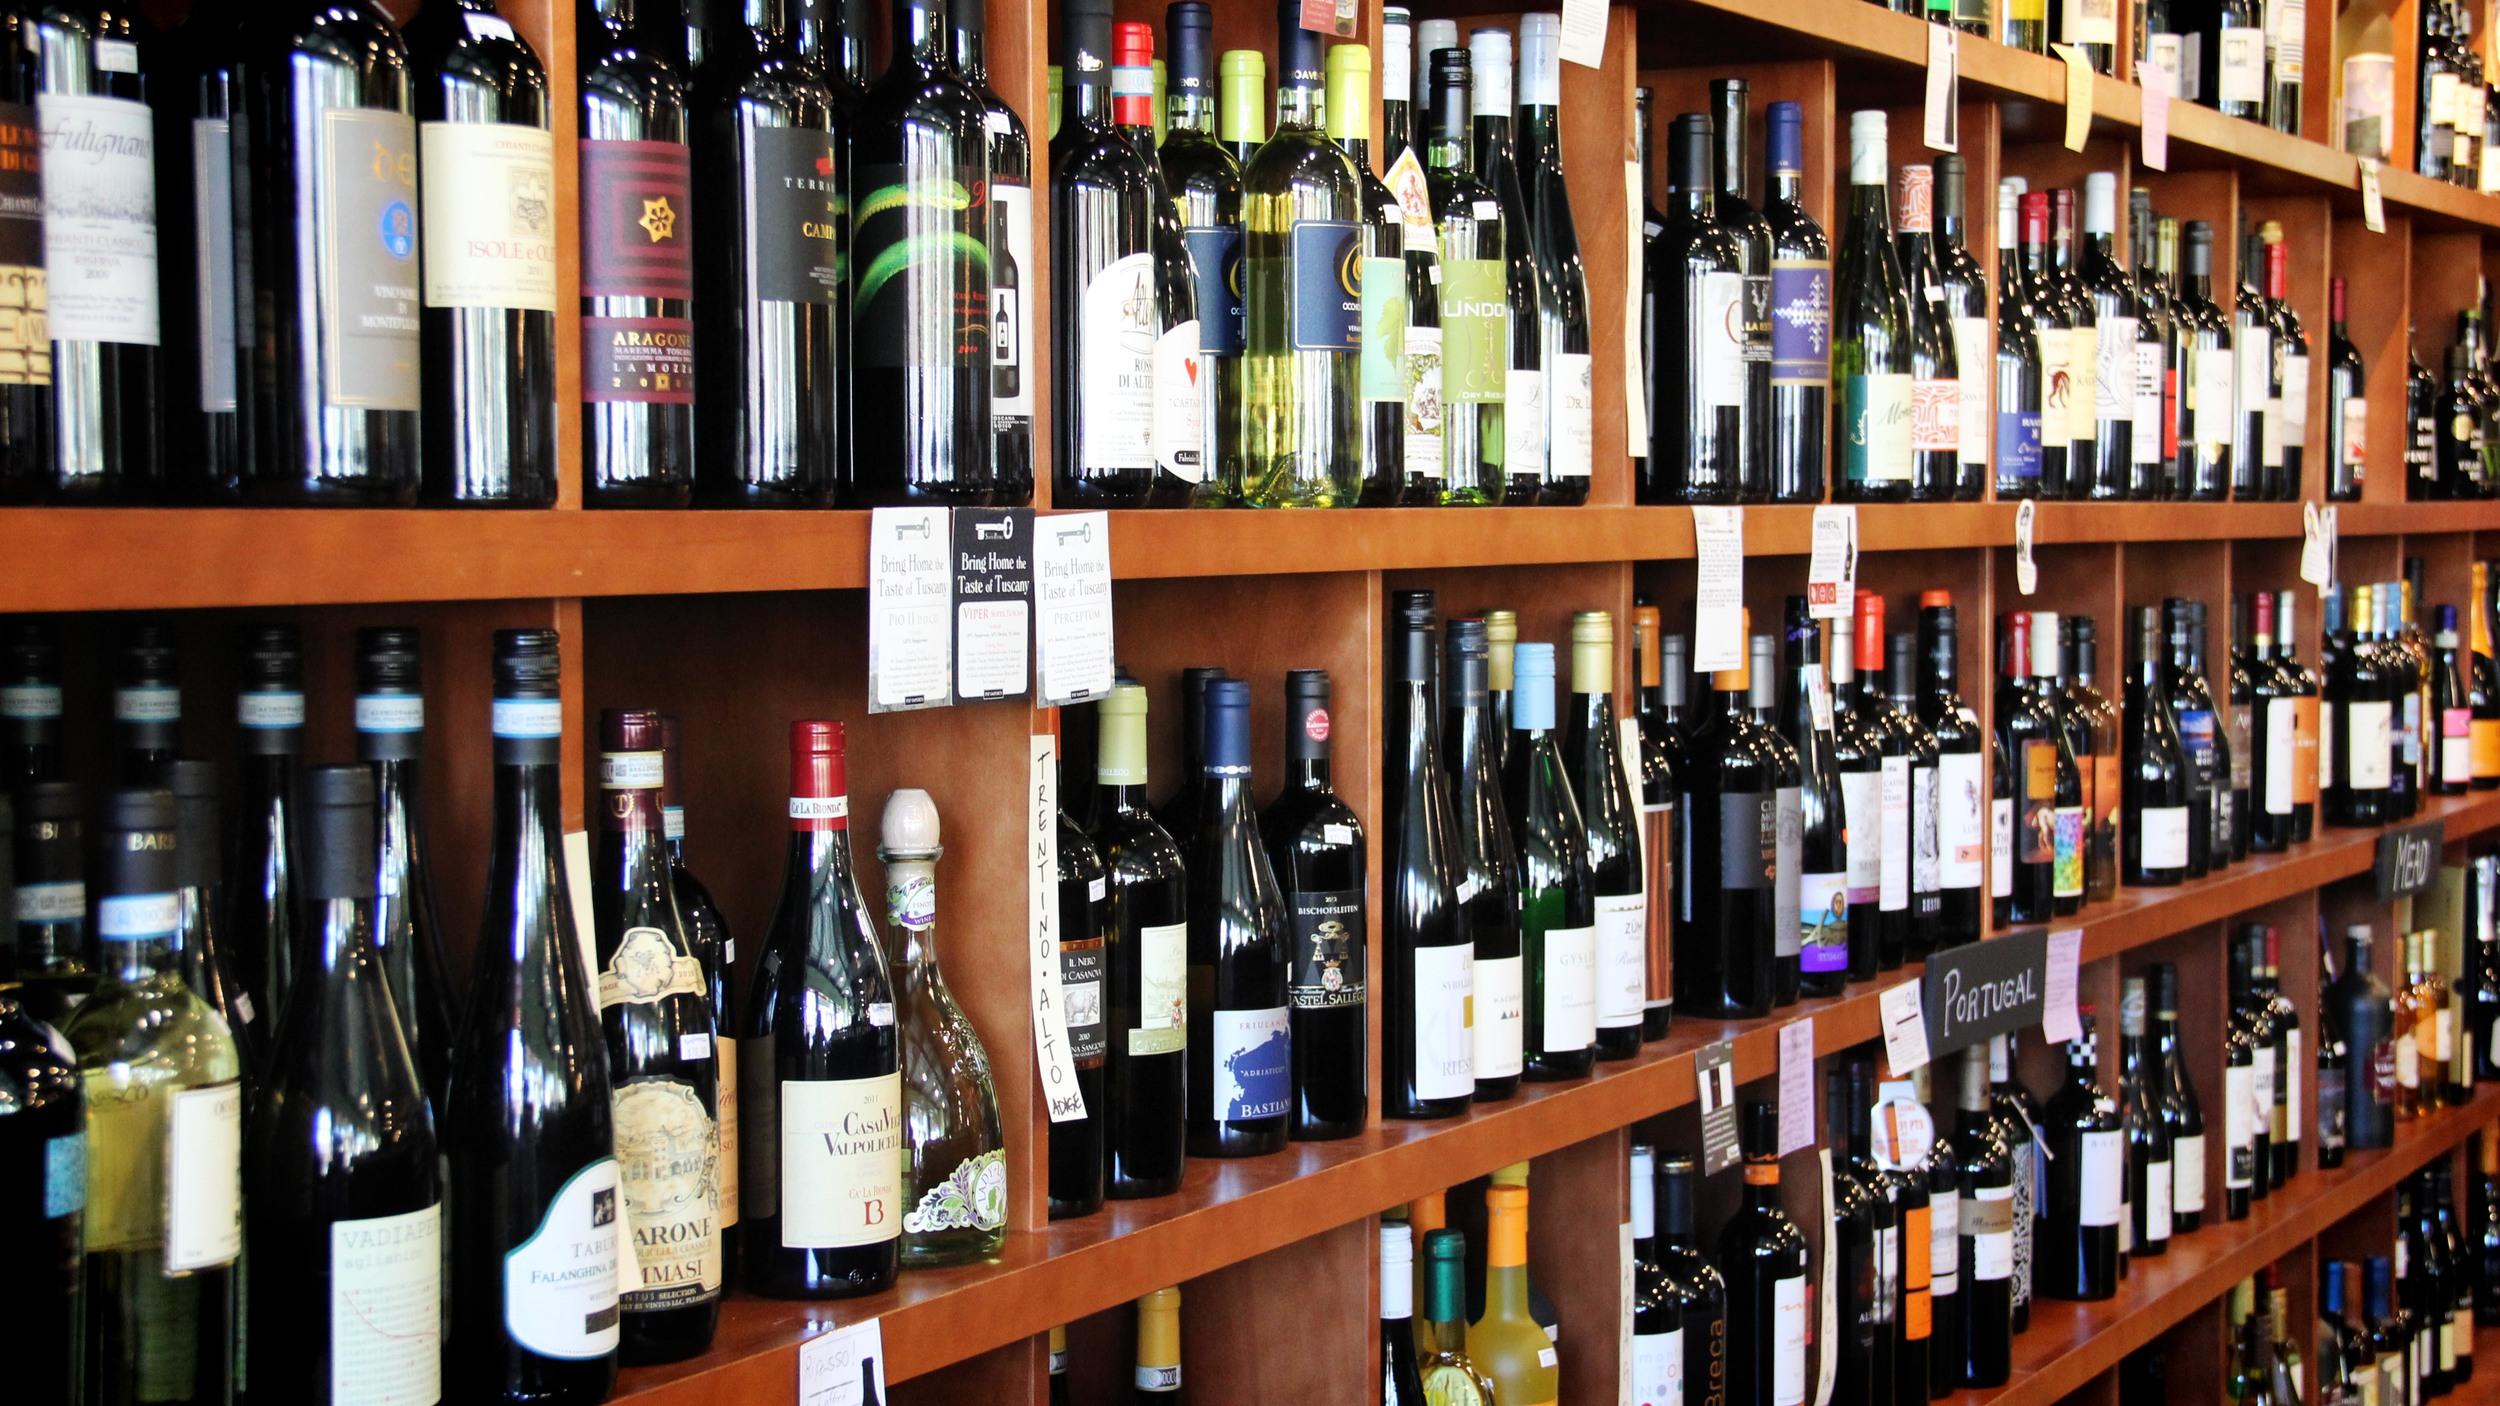 wine_shelves.jpg